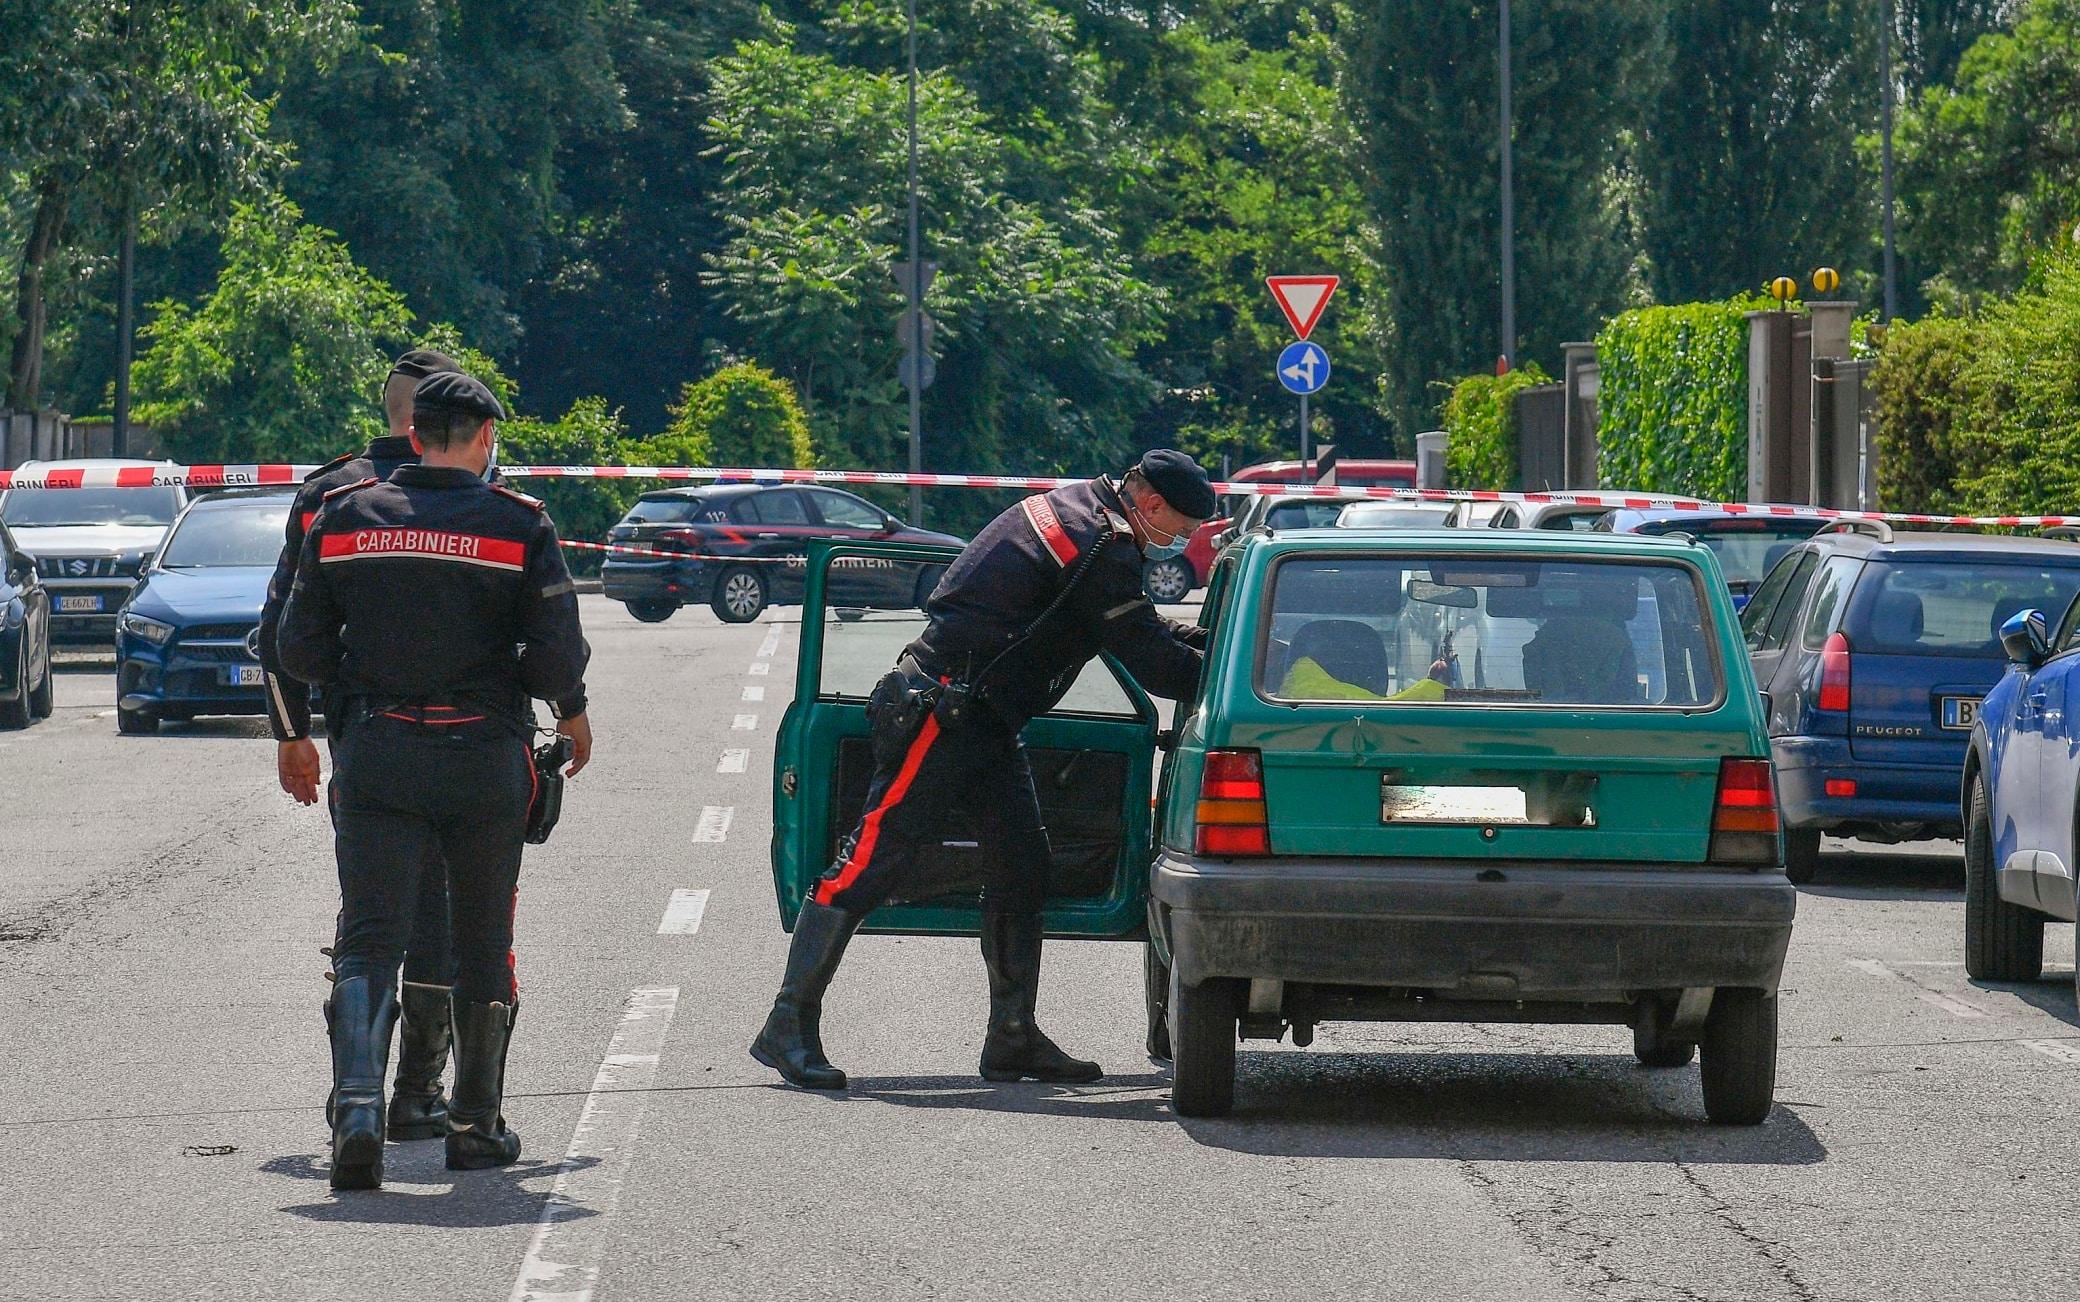 Carabinieri intervenuti in via Amantea, all'angolo con via quinto Romano, per soccorrere un uomo di 54 anni, agonizzante a bordo di un'auto con ferite da taglio. L'uomo è stato trasportato all'Ospedale San Carlo, dove è morto. L'ipotesi prevalente è l'omicidio, Milano, 12 Giugno 2021.   ANSA/ANDREA FASANI